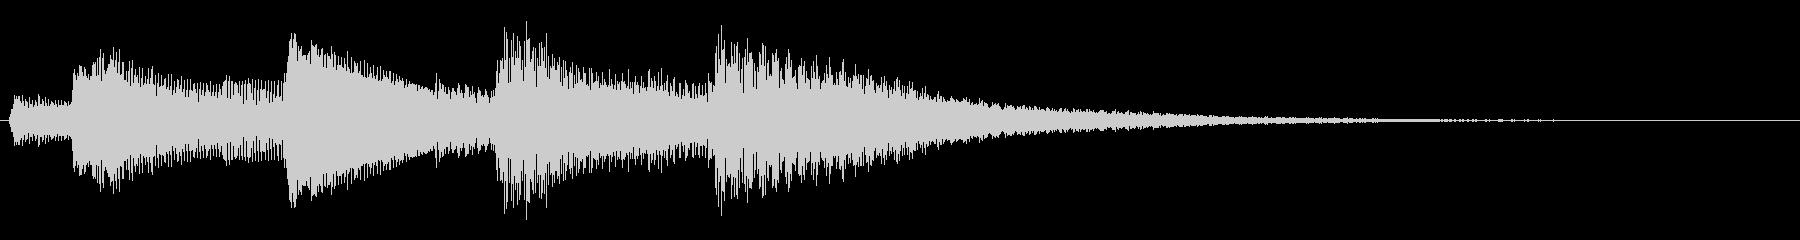 KANTアイキャッチ52の未再生の波形